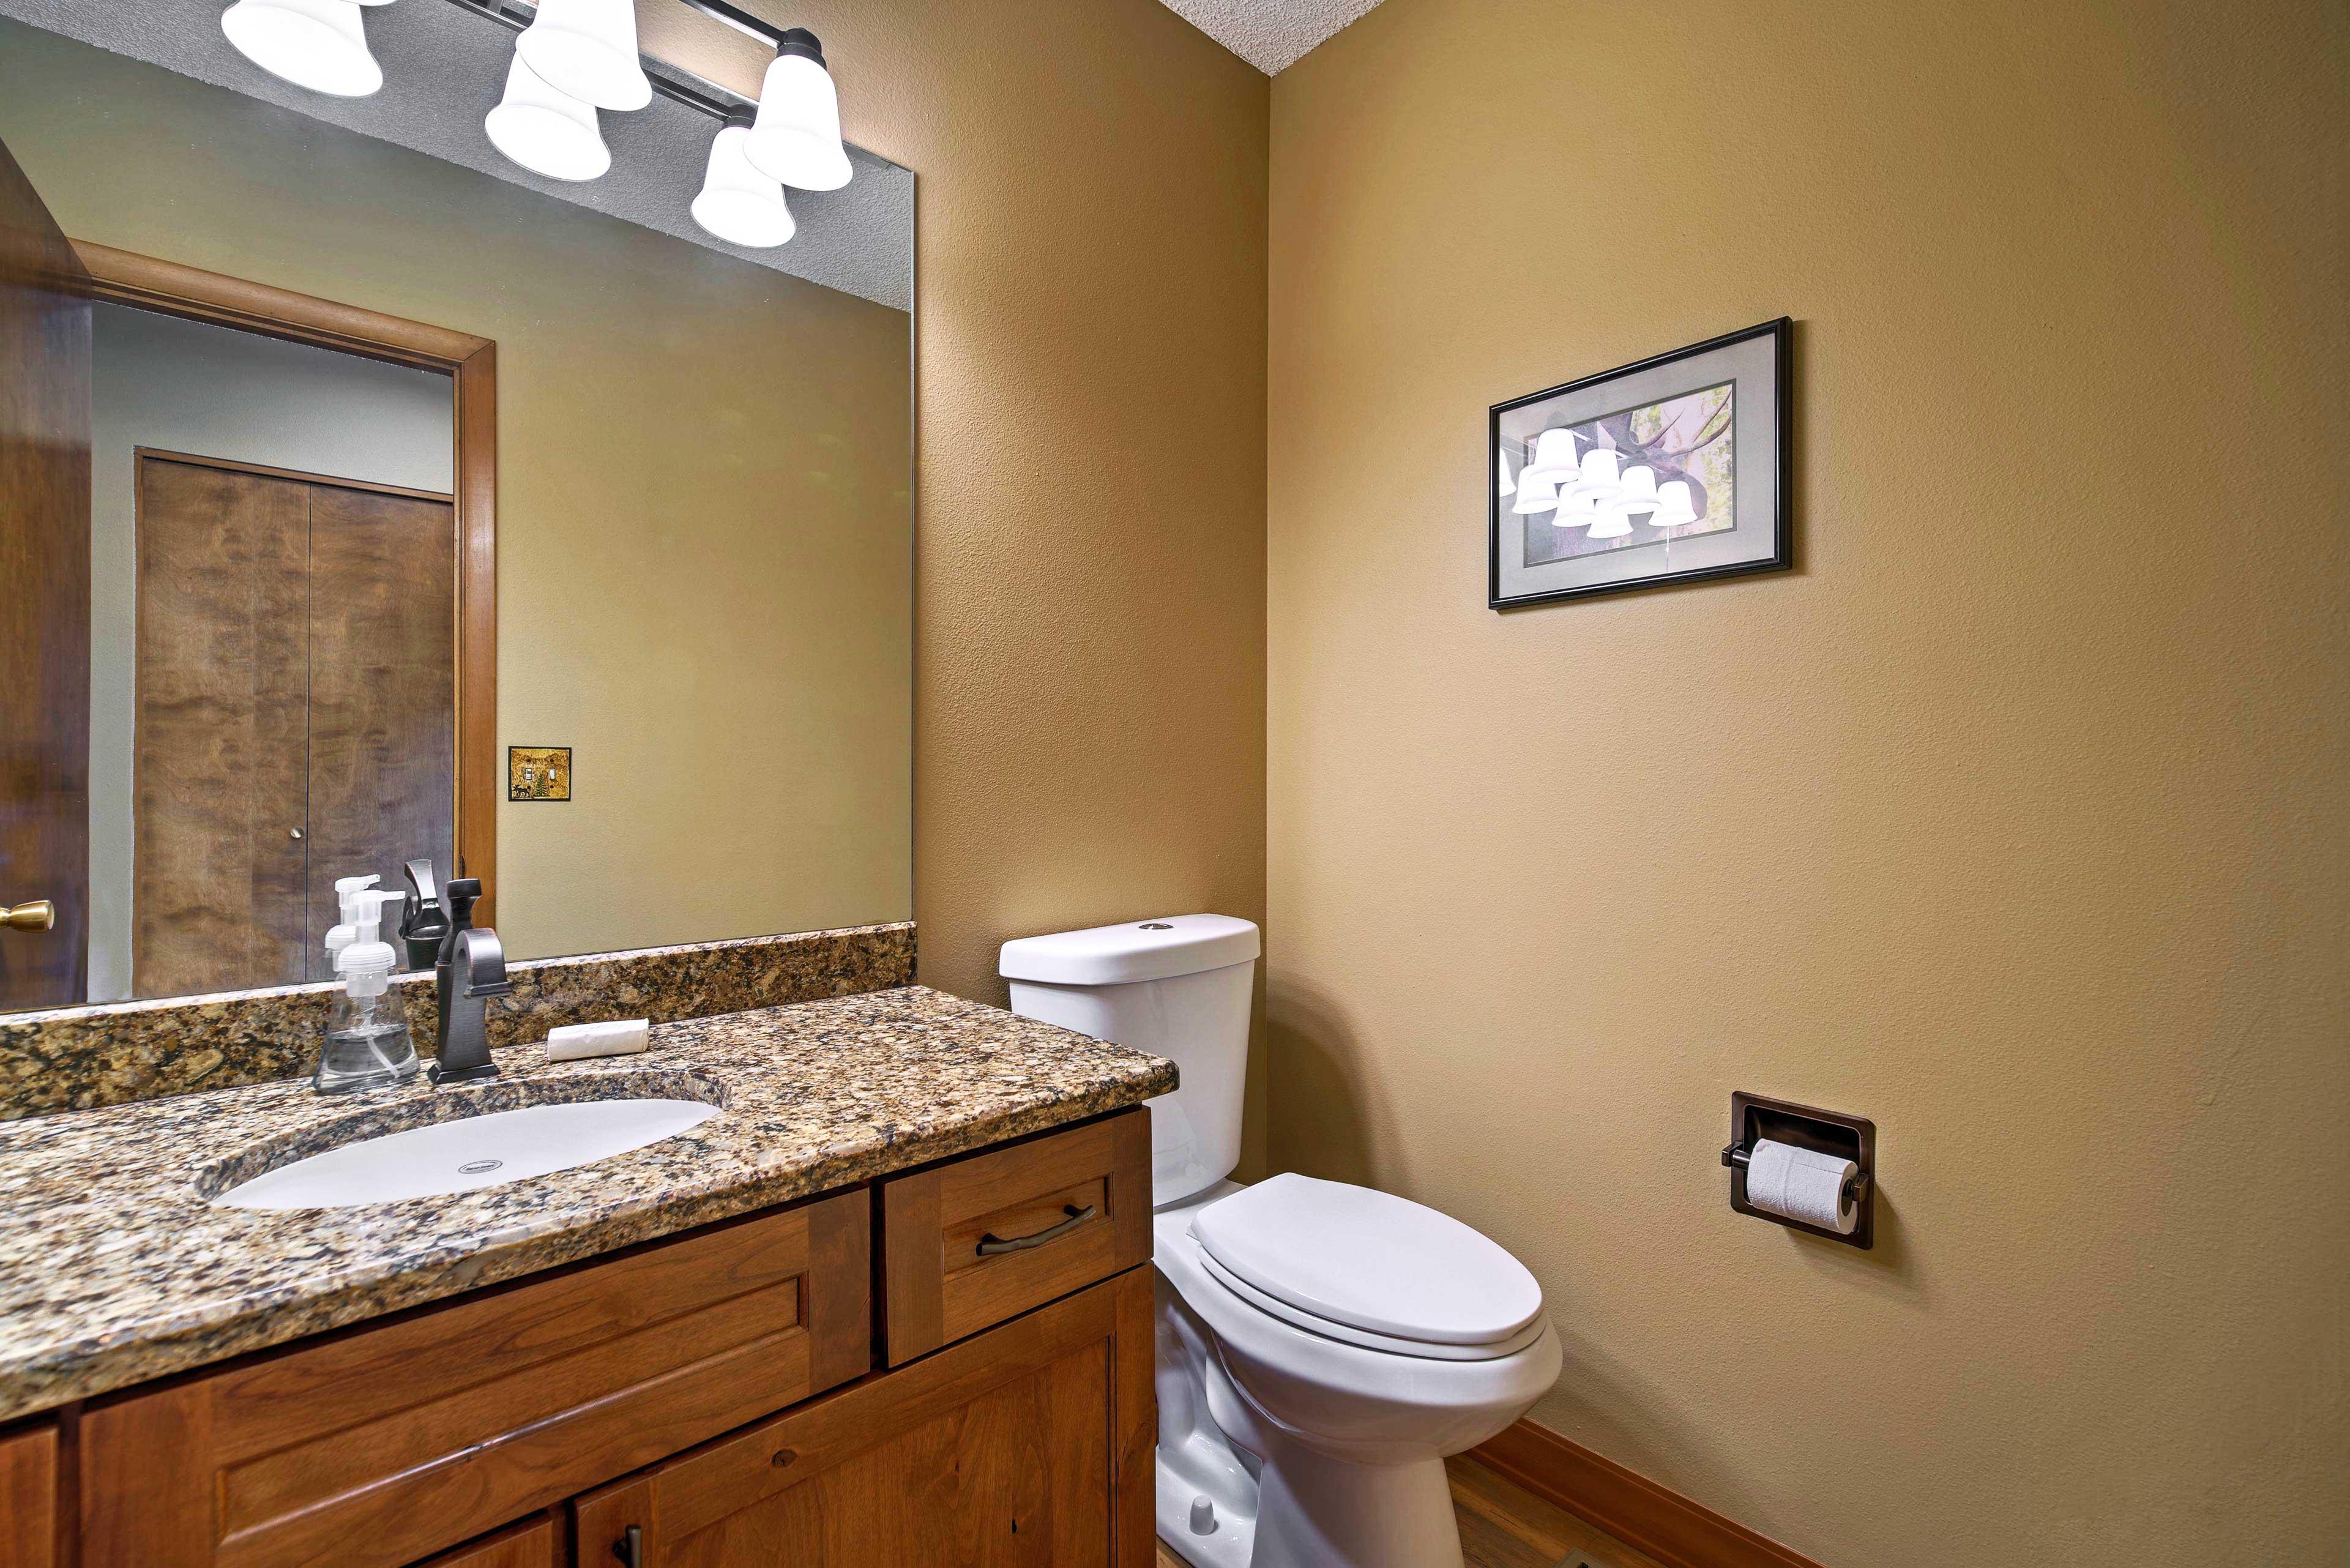 A half bathroom is available on the main floor.